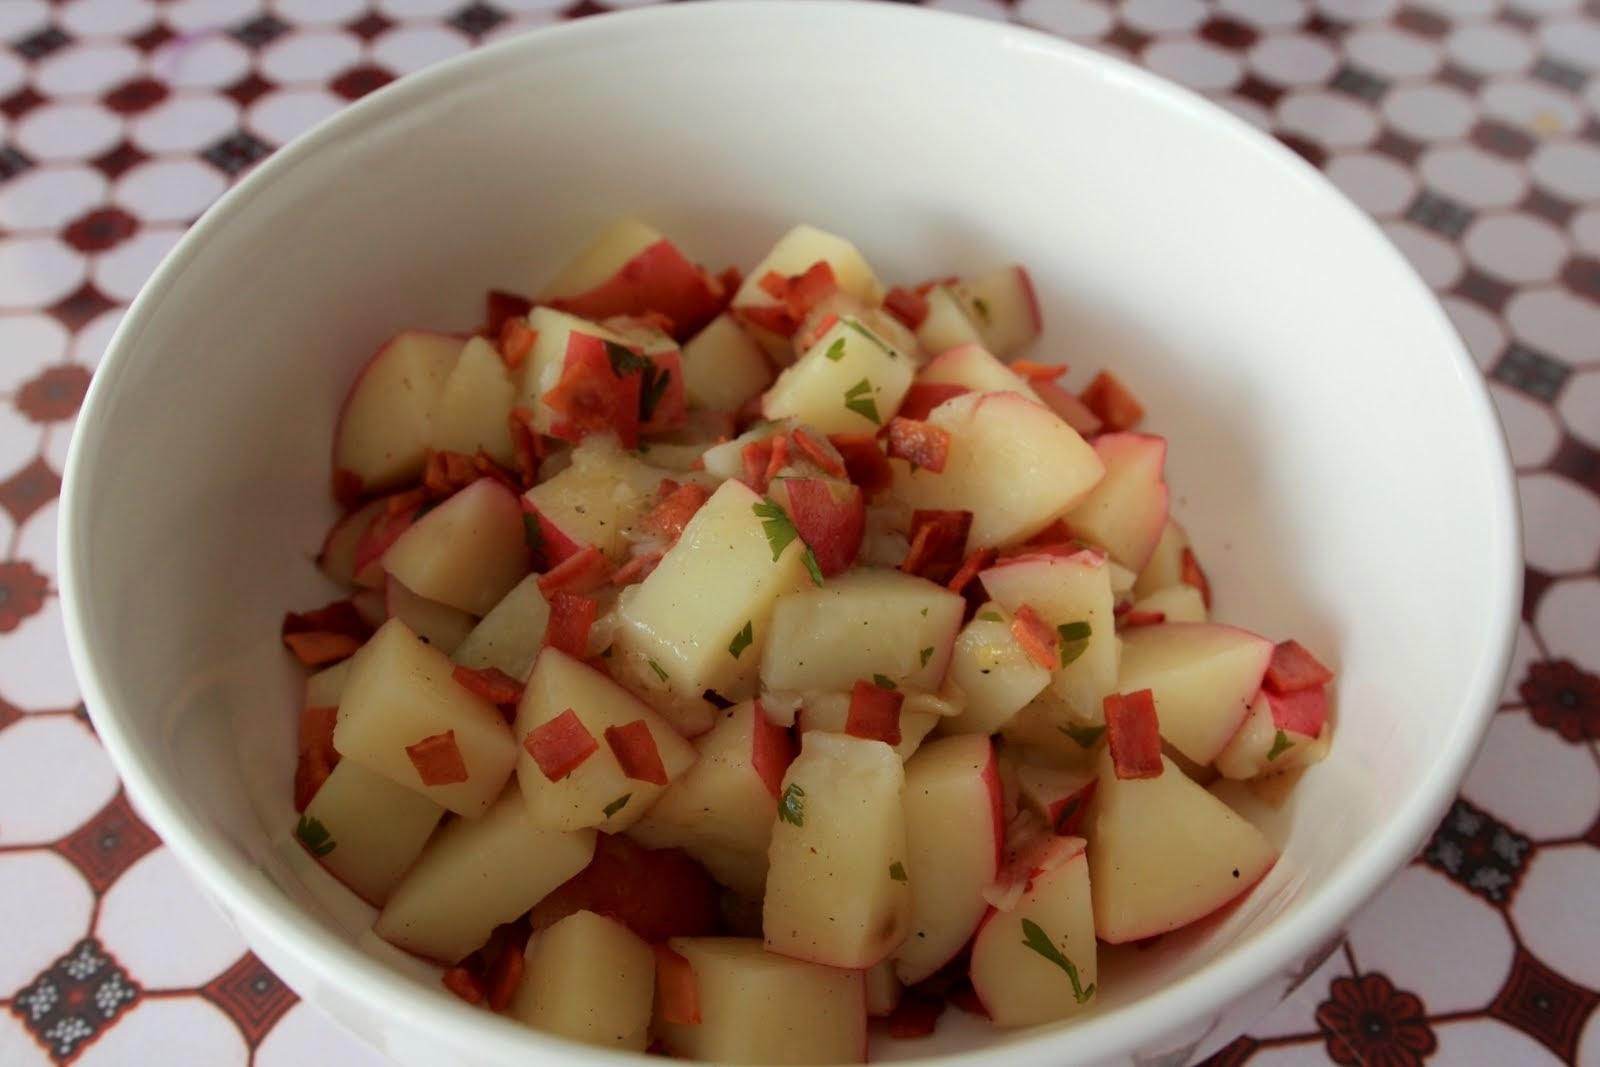 Salad Kentang Jerman Halal [Porkless German Potato Salad]